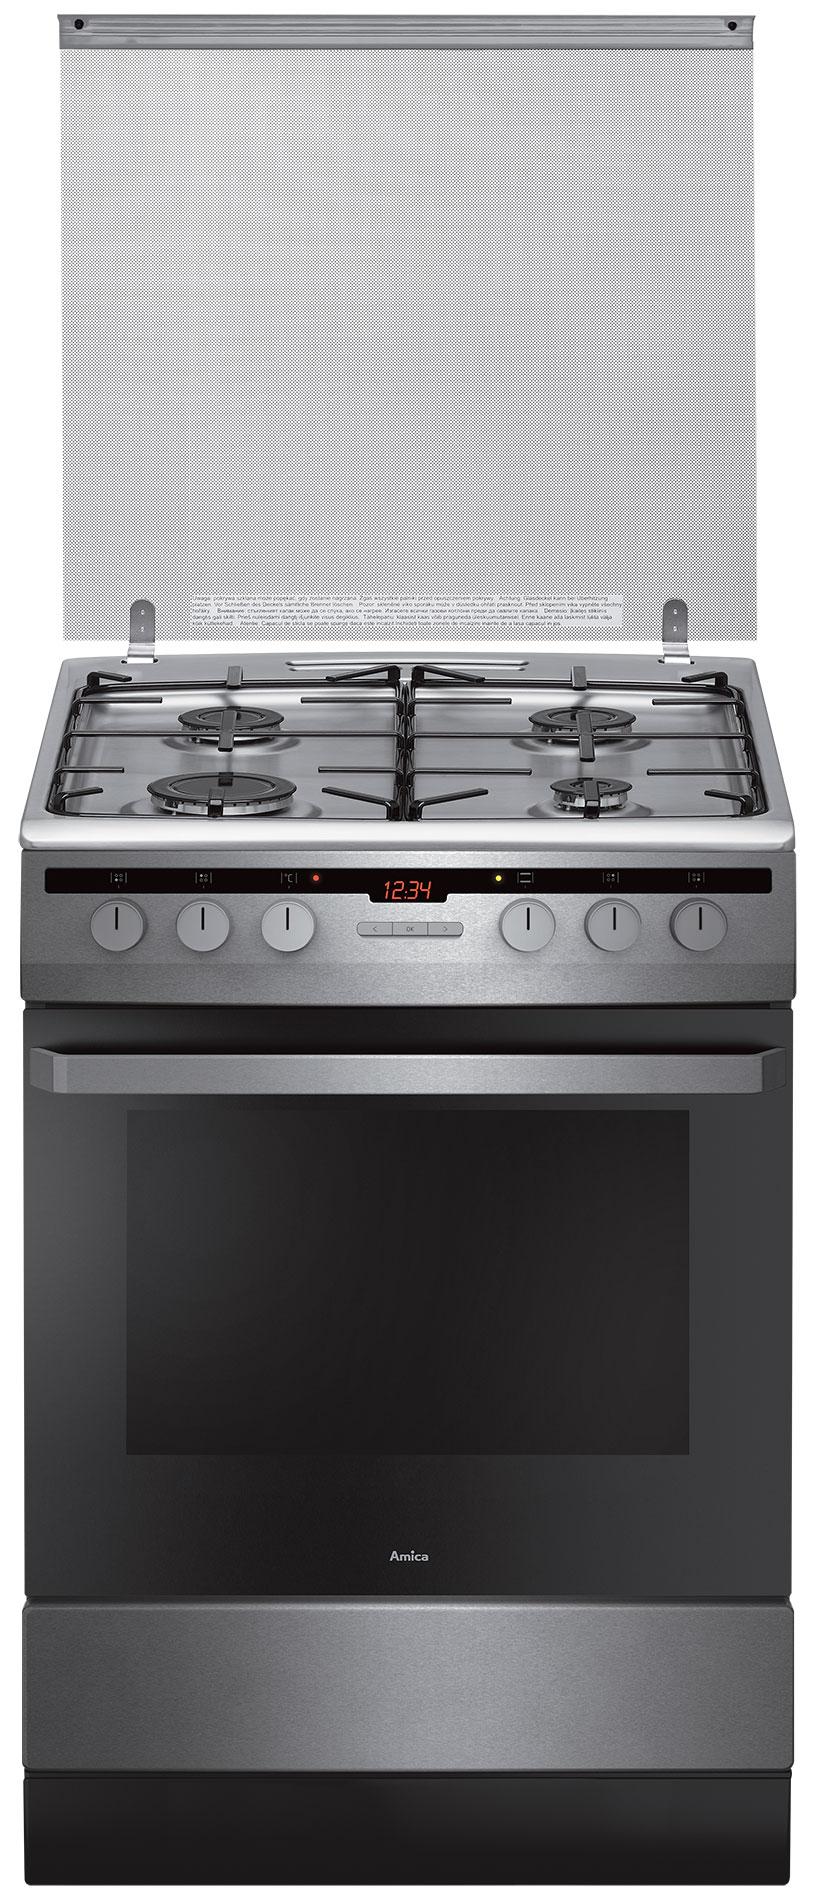 Kuchnia wolnostojąca gazowo elektryczna 618GES2 33HZpTaN(Xx)  Amica -> Kuchnia Amica Do Zabudowy Instrukcja Obslugi